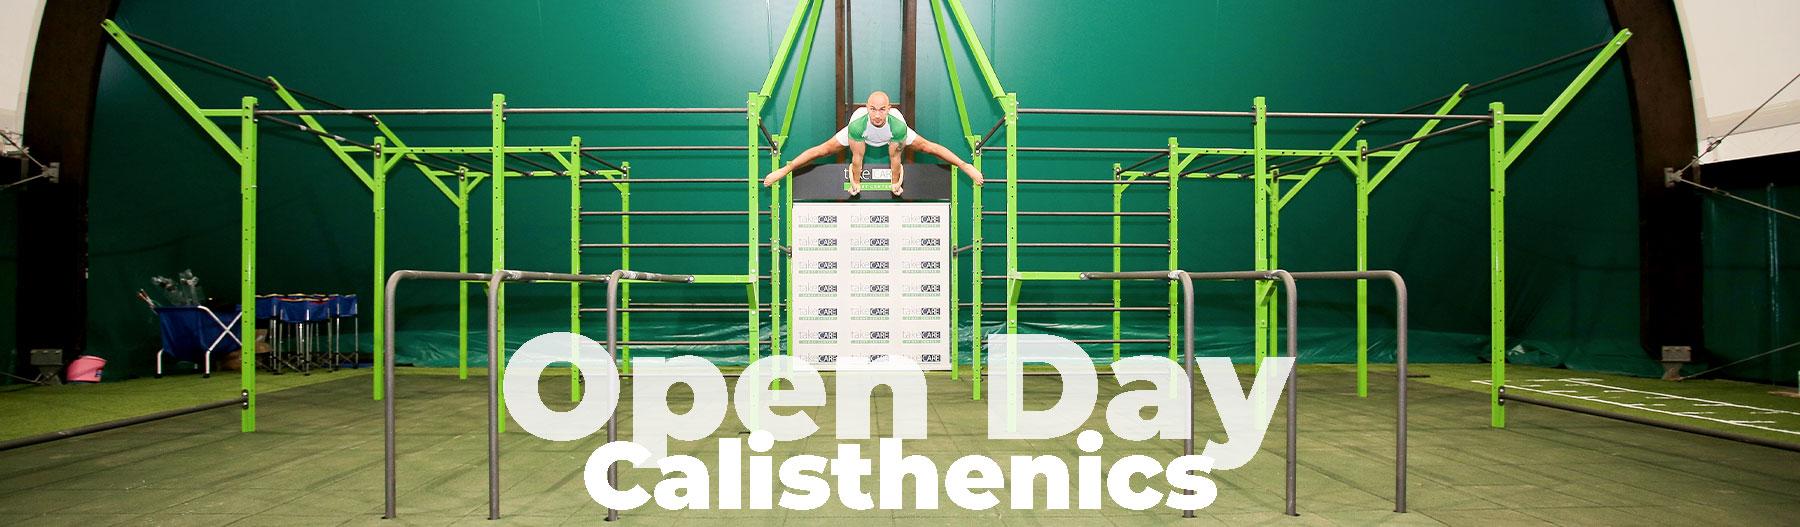 Open Day Calisthenics -Take Care Sport Center